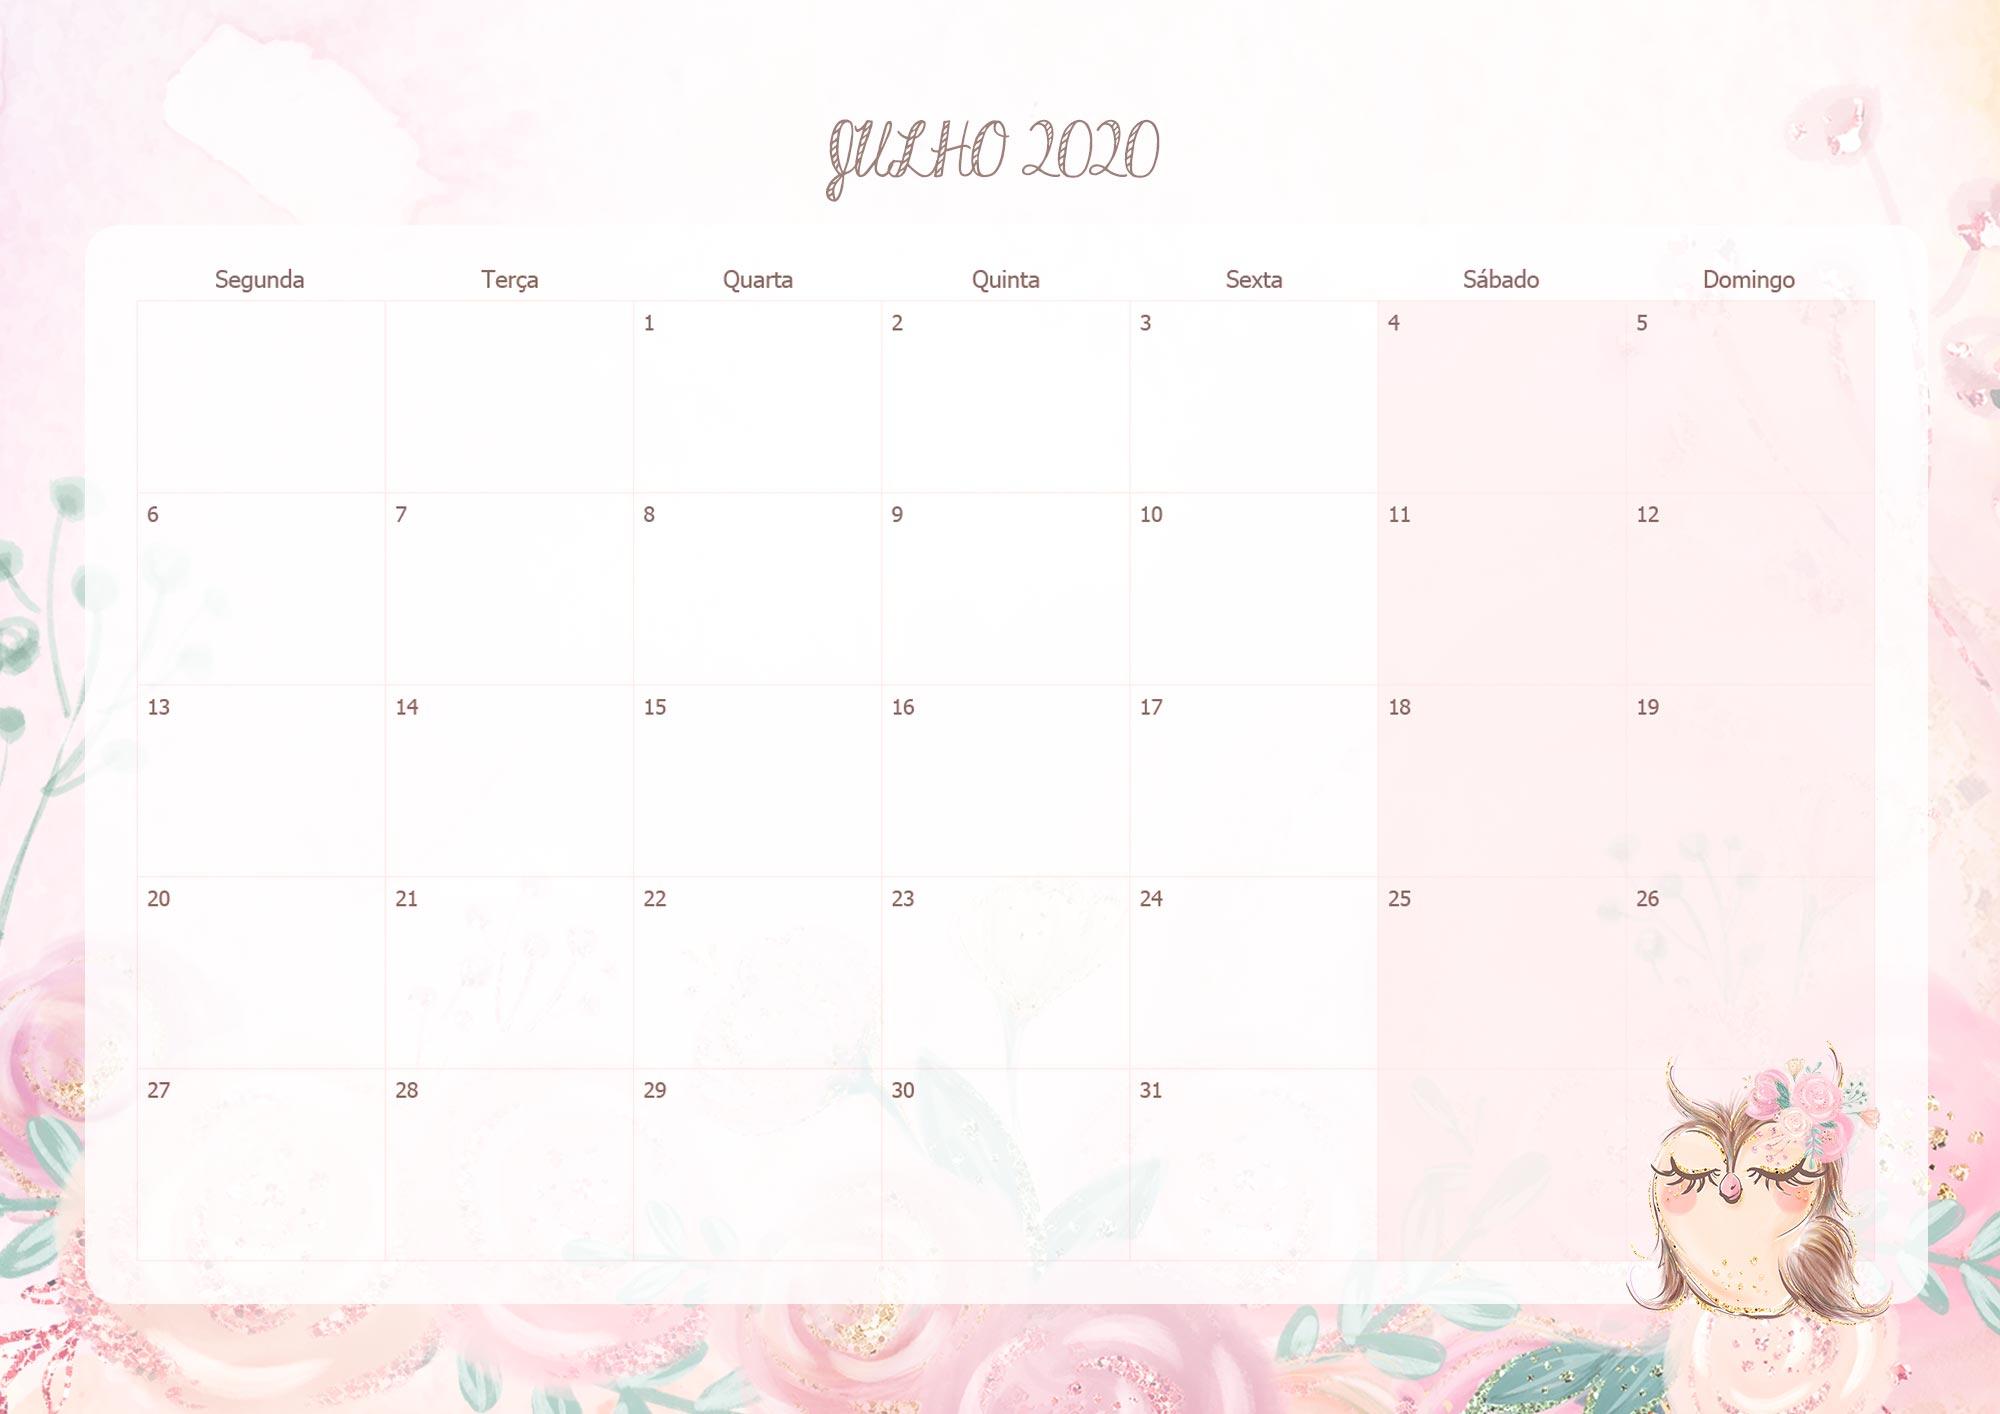 Calendario Mensal Corujinha Julho 2020